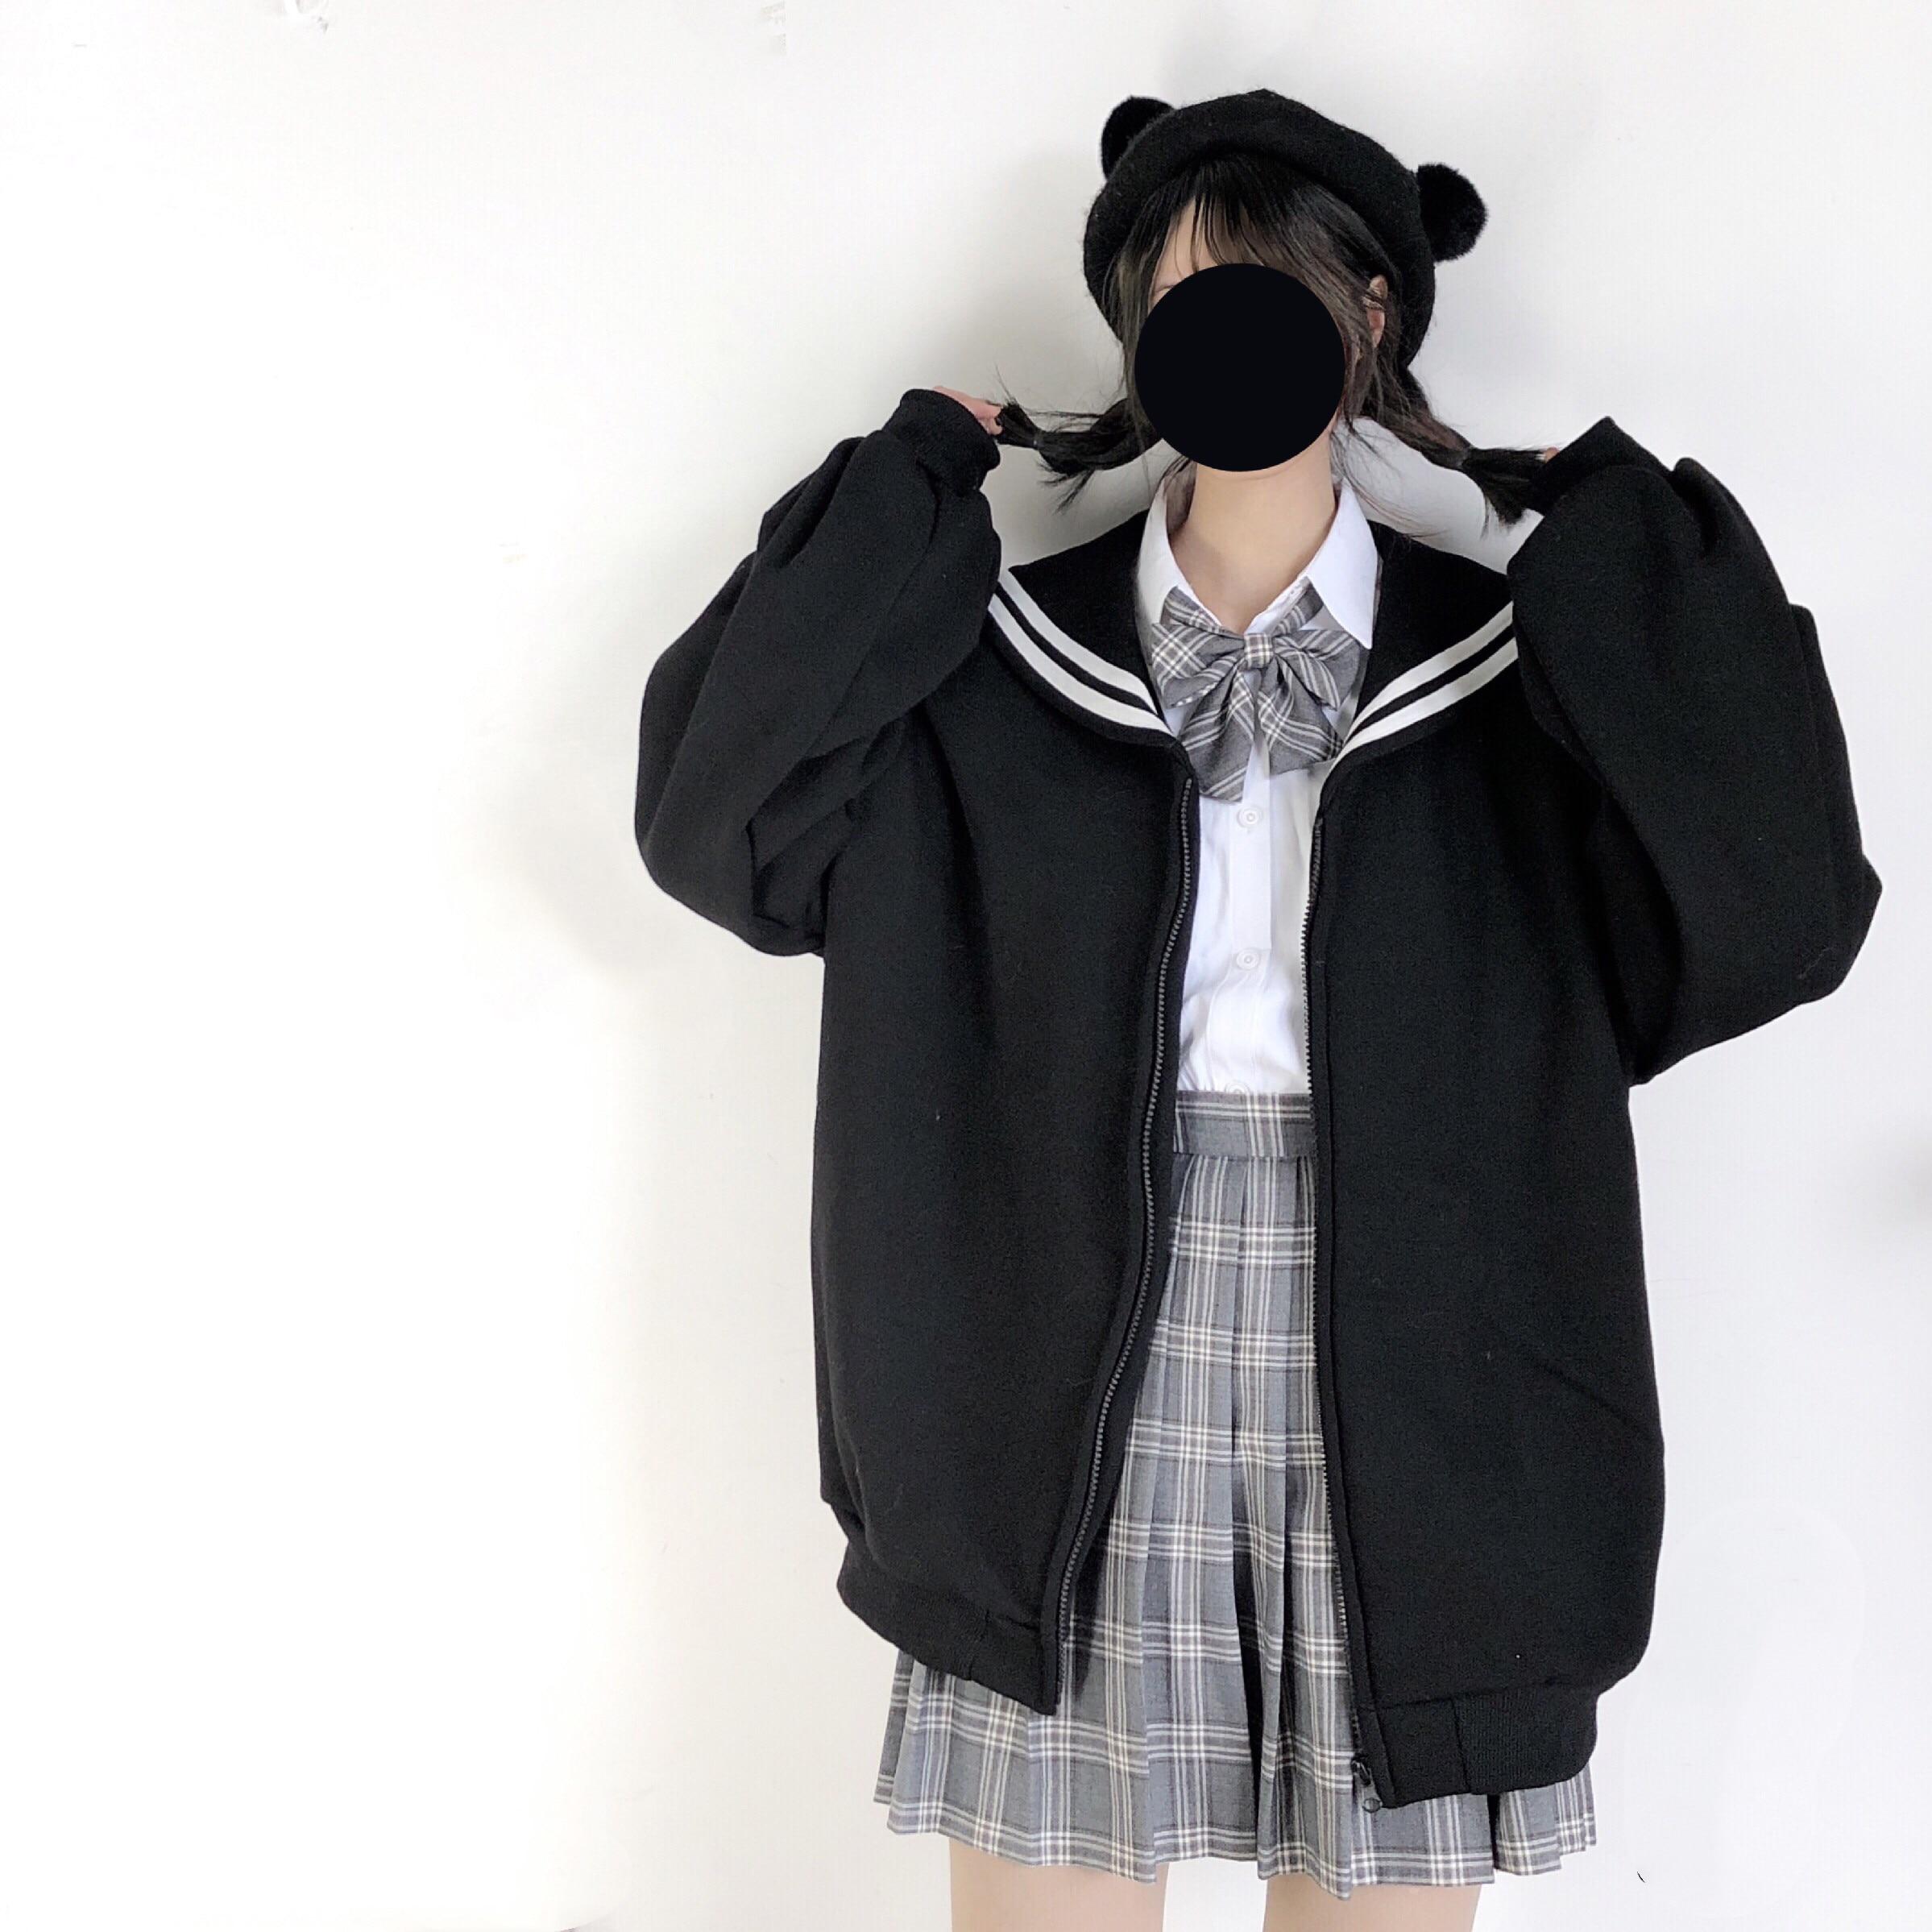 Winter Kawaii Sweet Girls Oversized Hoodie Soft Sister Sailor  Collar Sweatshirt Women Japanese Zipper Outerwear Coat Black  BlueHoodies